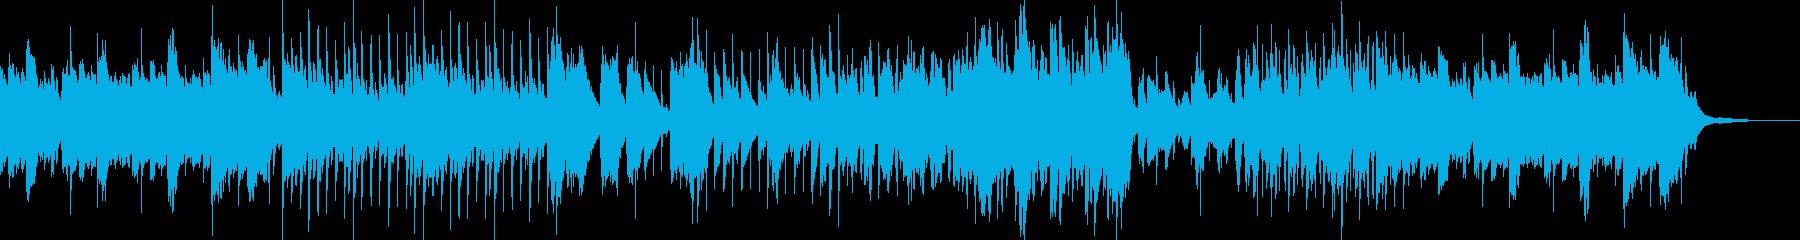 夏をイメージしたギターメインのBGMの再生済みの波形